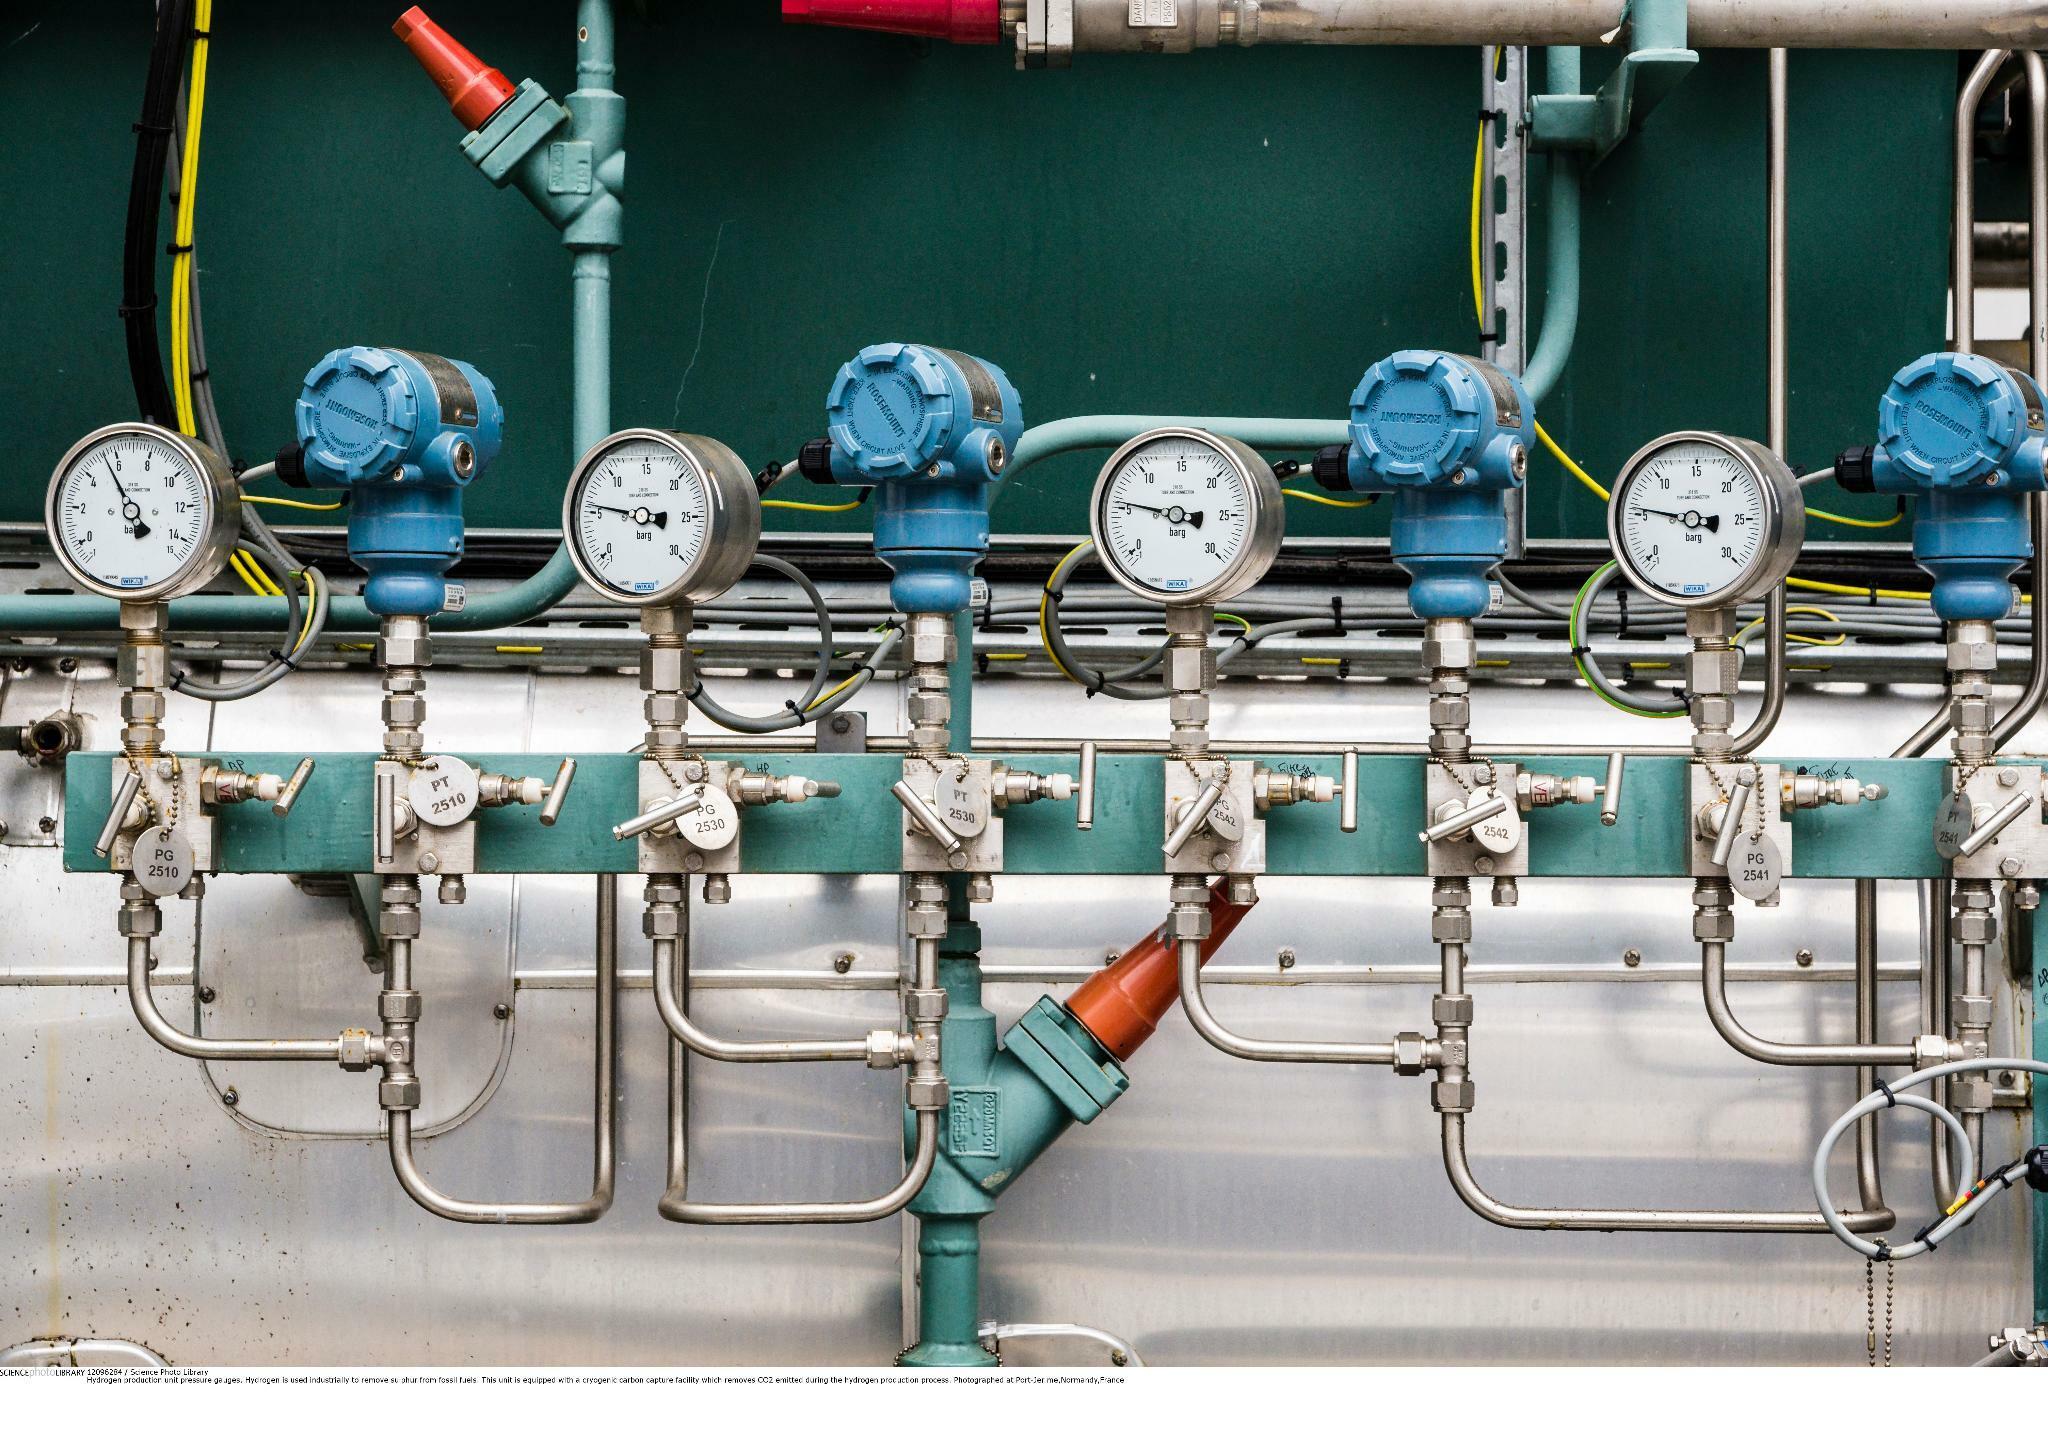 Durchbruch beim Wasserstoff? – Alles eine Frage der Geduld